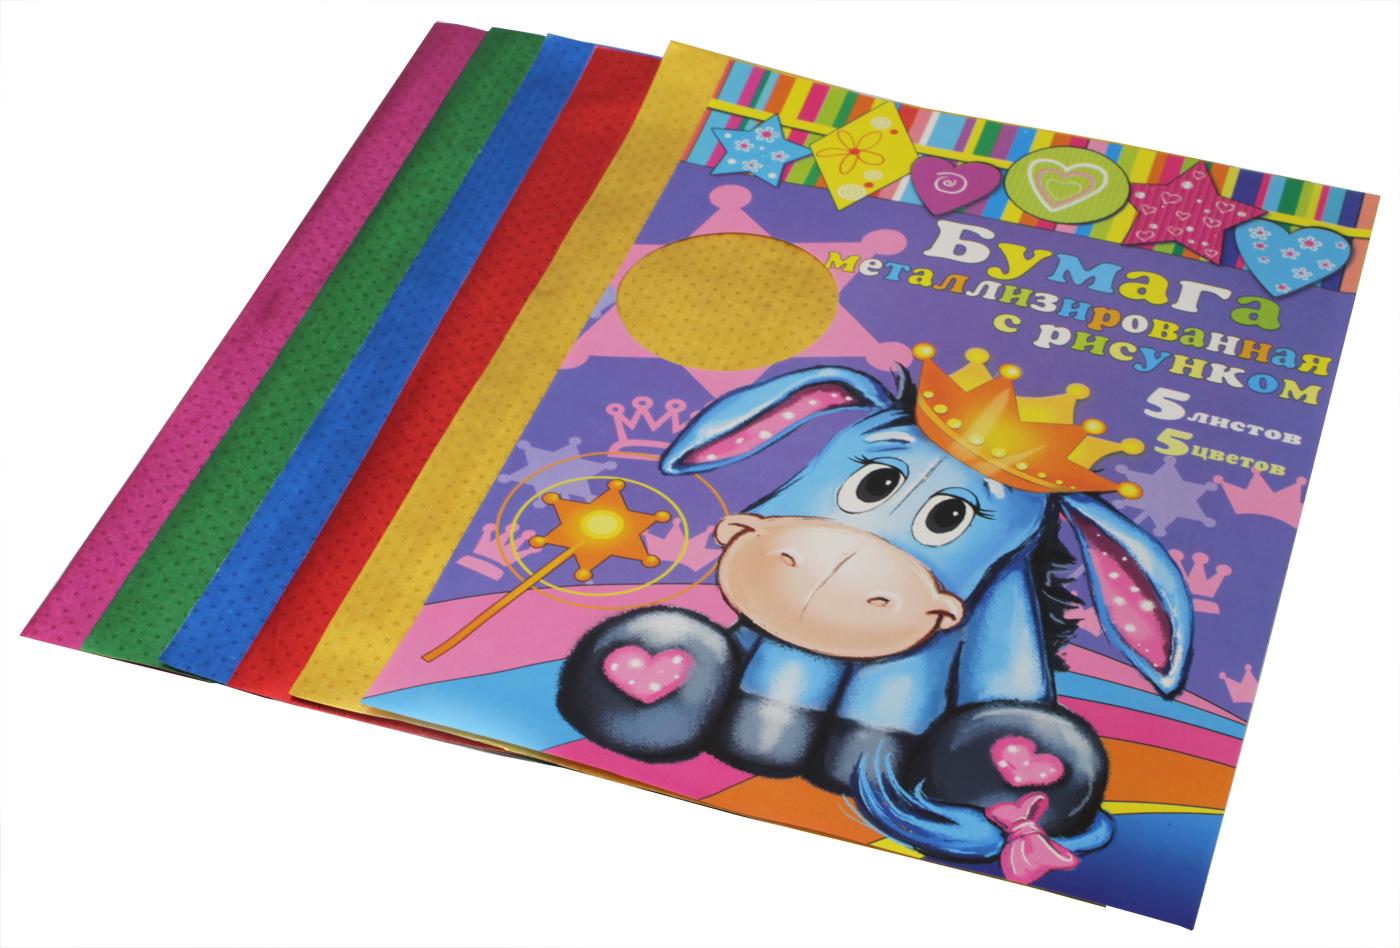 Феникс+ Бумага цветная металлизированная с рисунком формат А4 5 листов24401Цветная бумага для детского творчества, металлизированная с рисунком. Изготовлена из алюминиевой фольги на бумажной основе. Односторонняя. Количество листов: 5 Количество цветов: 5 Формат: А4.